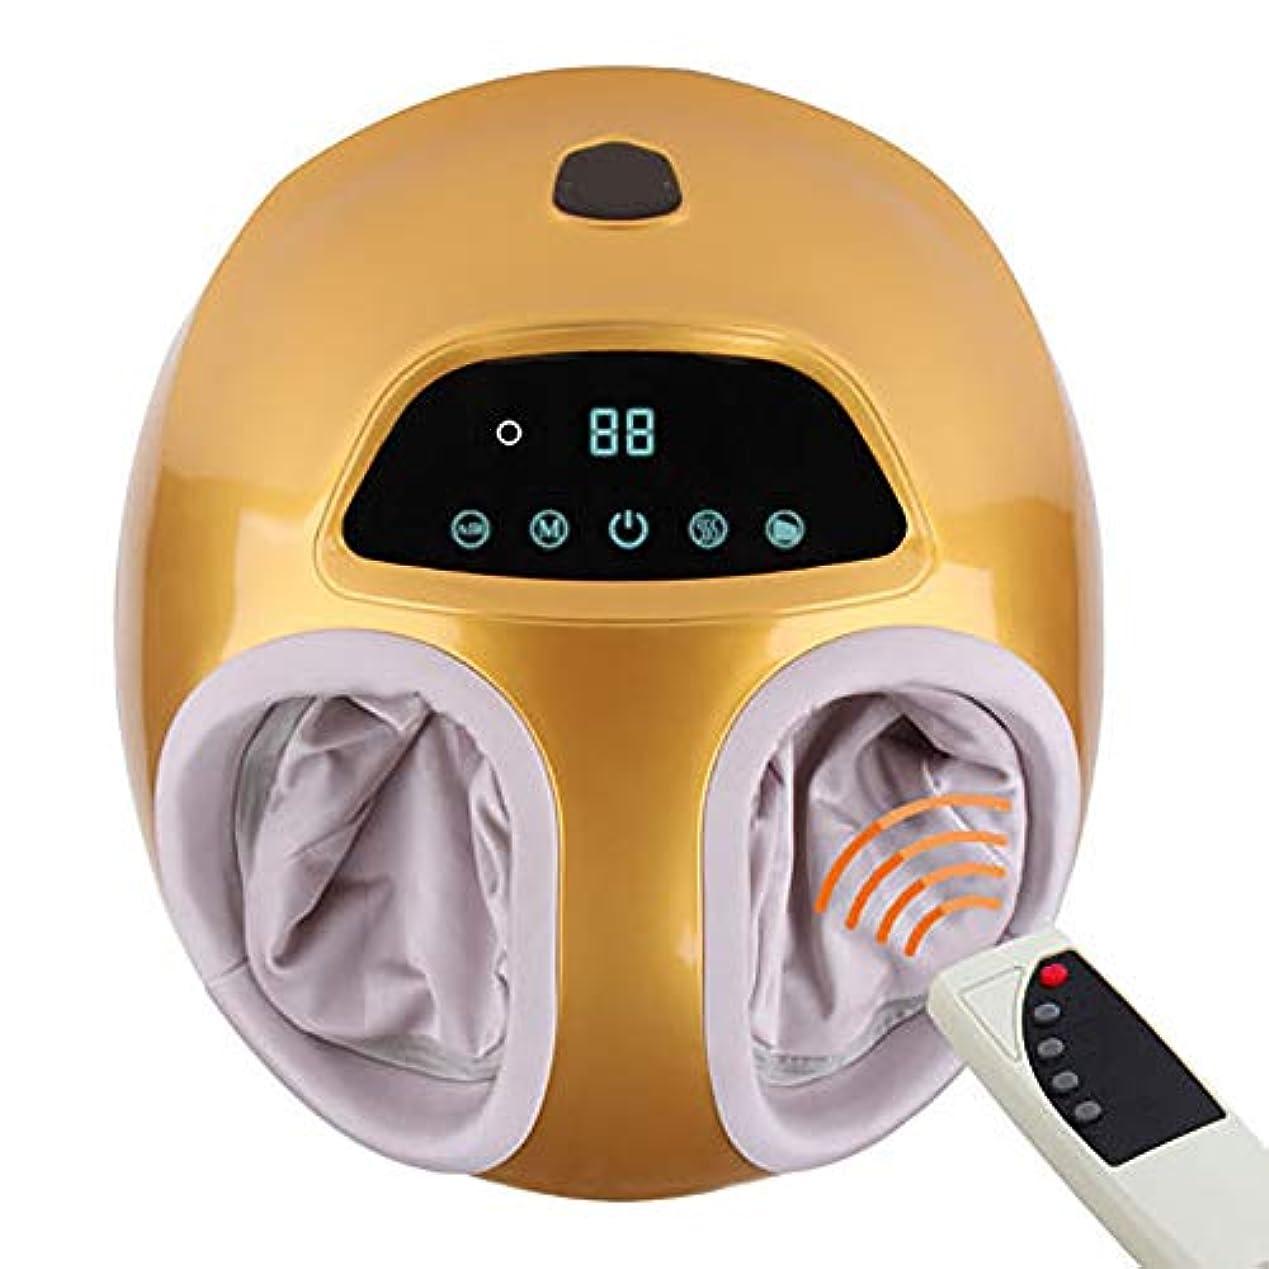 不適第シャーロットブロンテ電気足マッサージ機加熱混練ローリングエアコンプレッサー調節可能な強度家族の健康ギフト